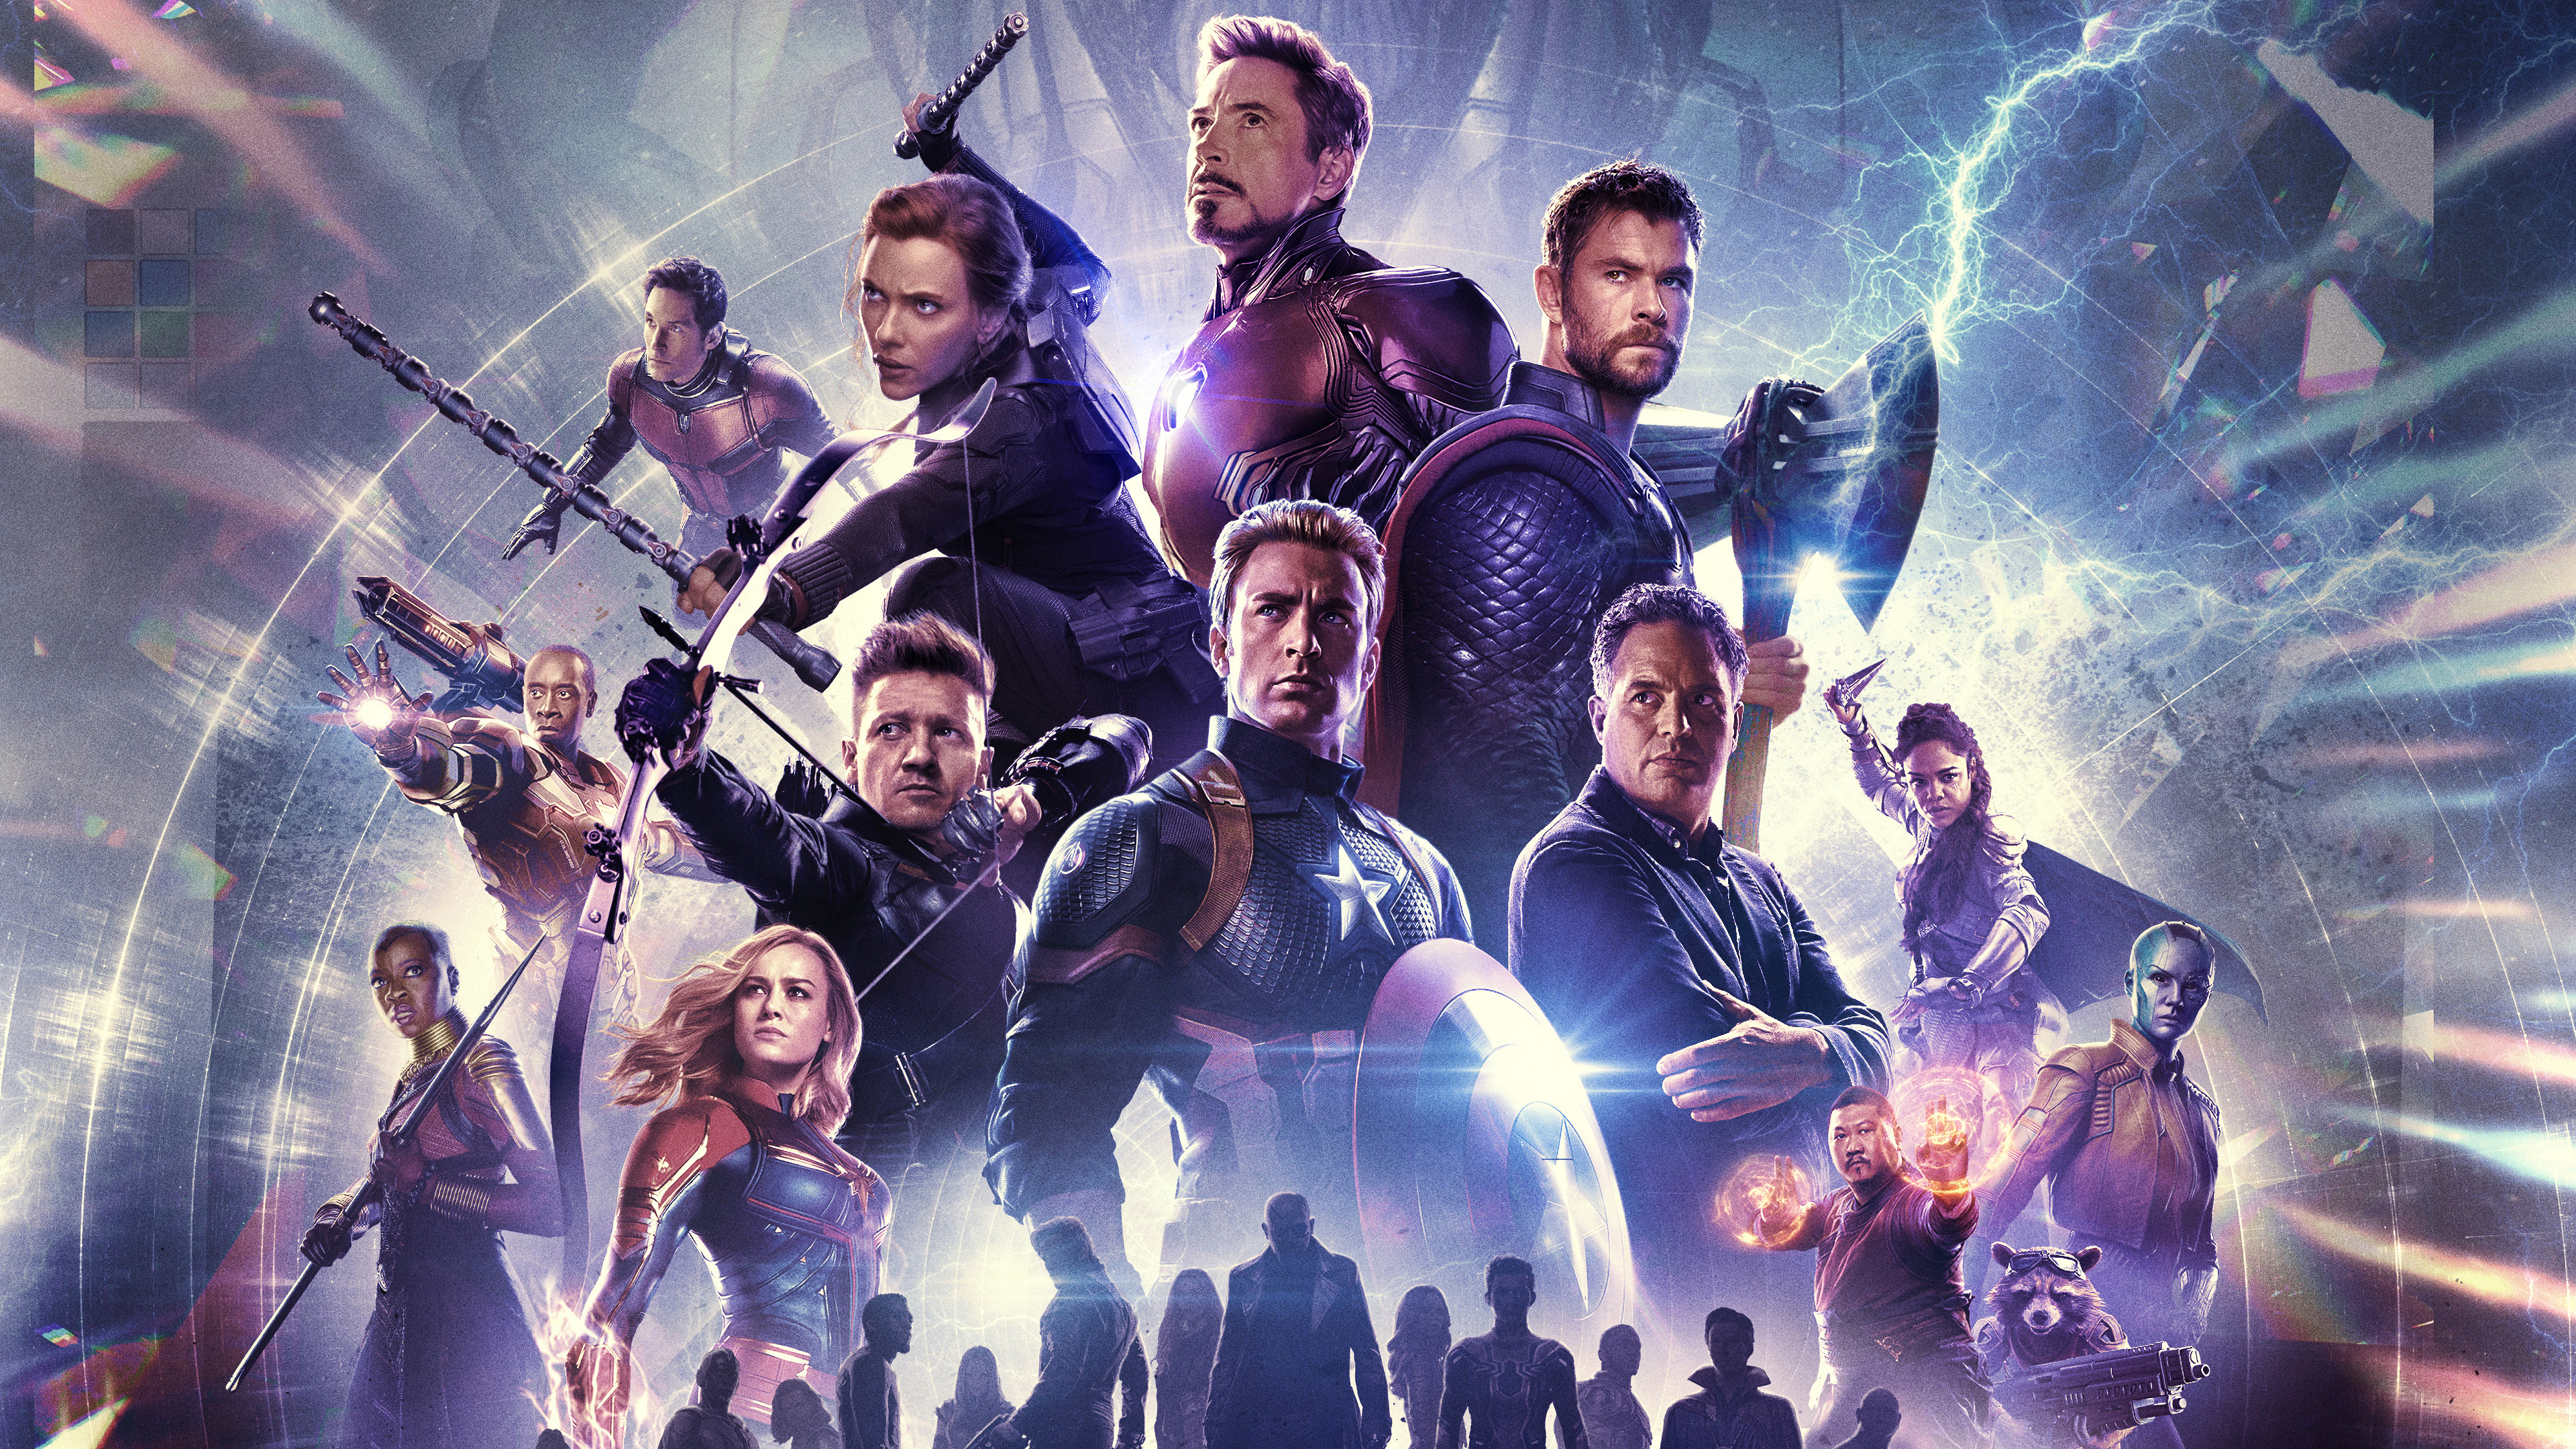 Avengers: Endgame Characters 4K Wallpaper #135